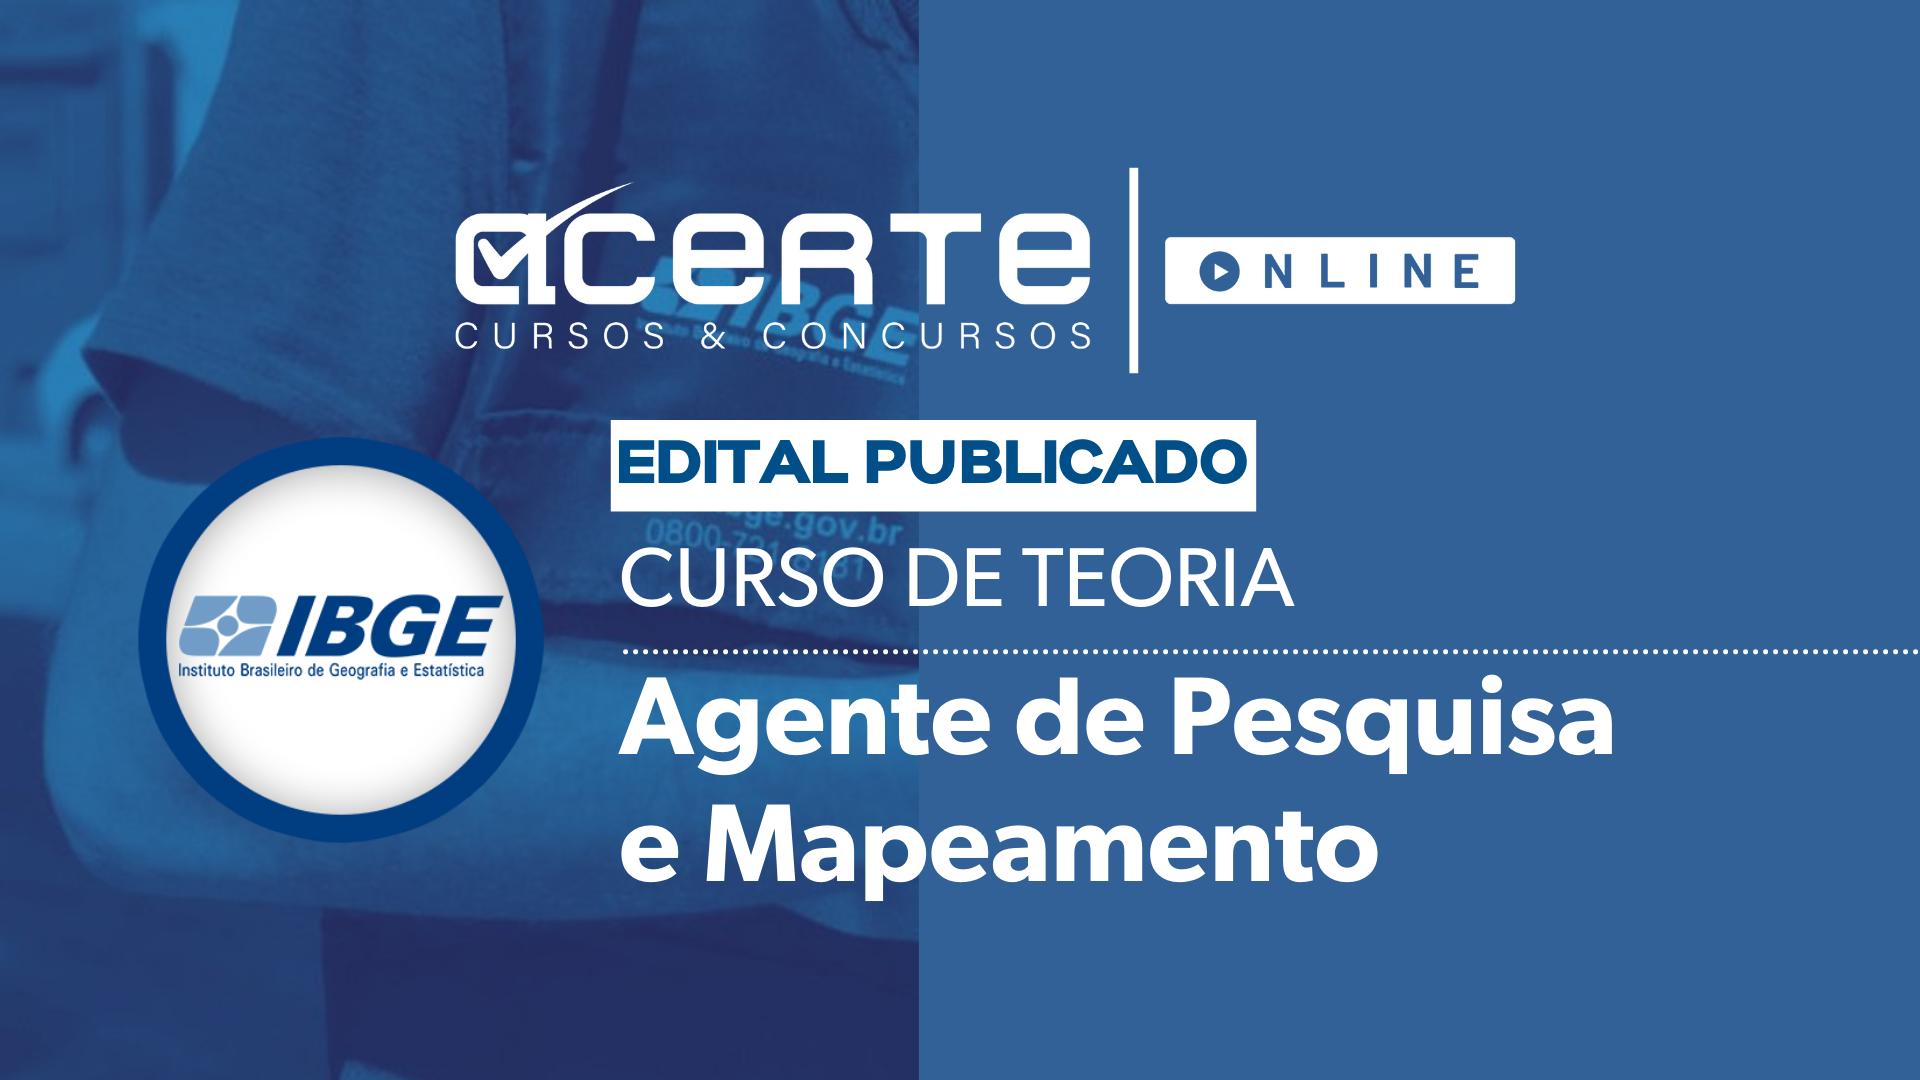 IBGE - Agente de Pesquisas e Mapeamento